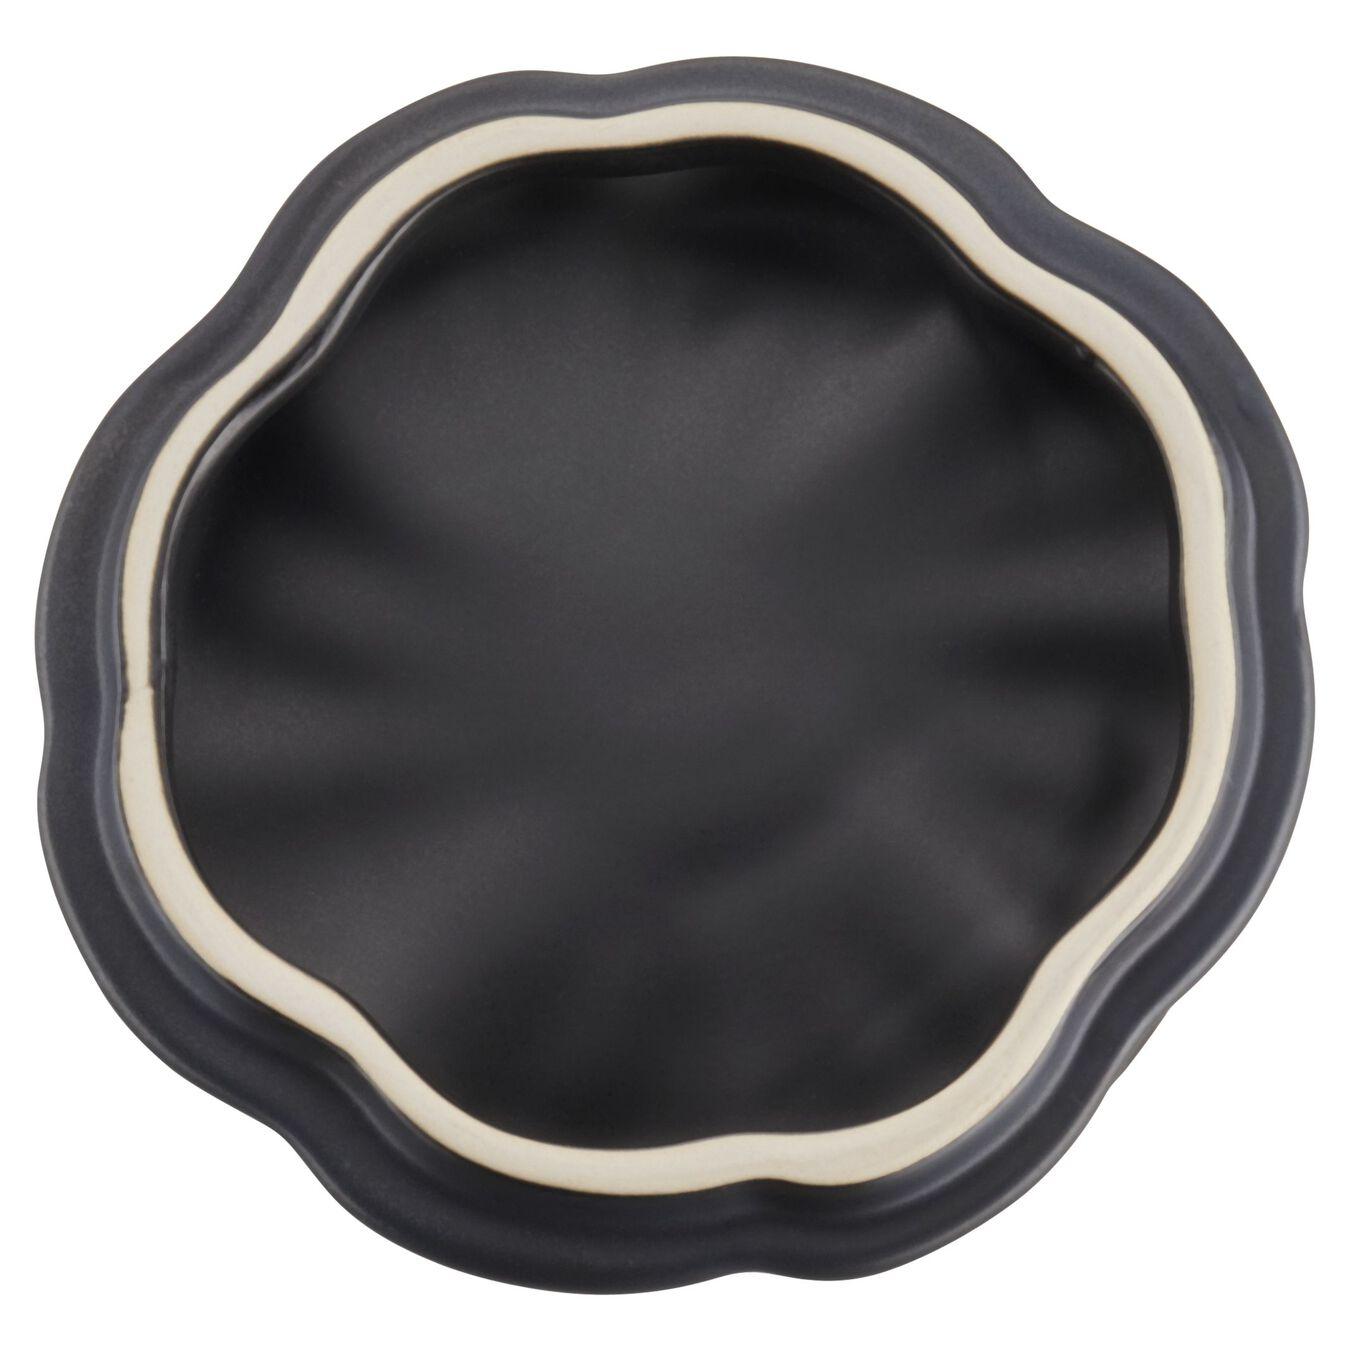 Cocotte 12 cm, Citrouille, Noir, Céramique,,large 10